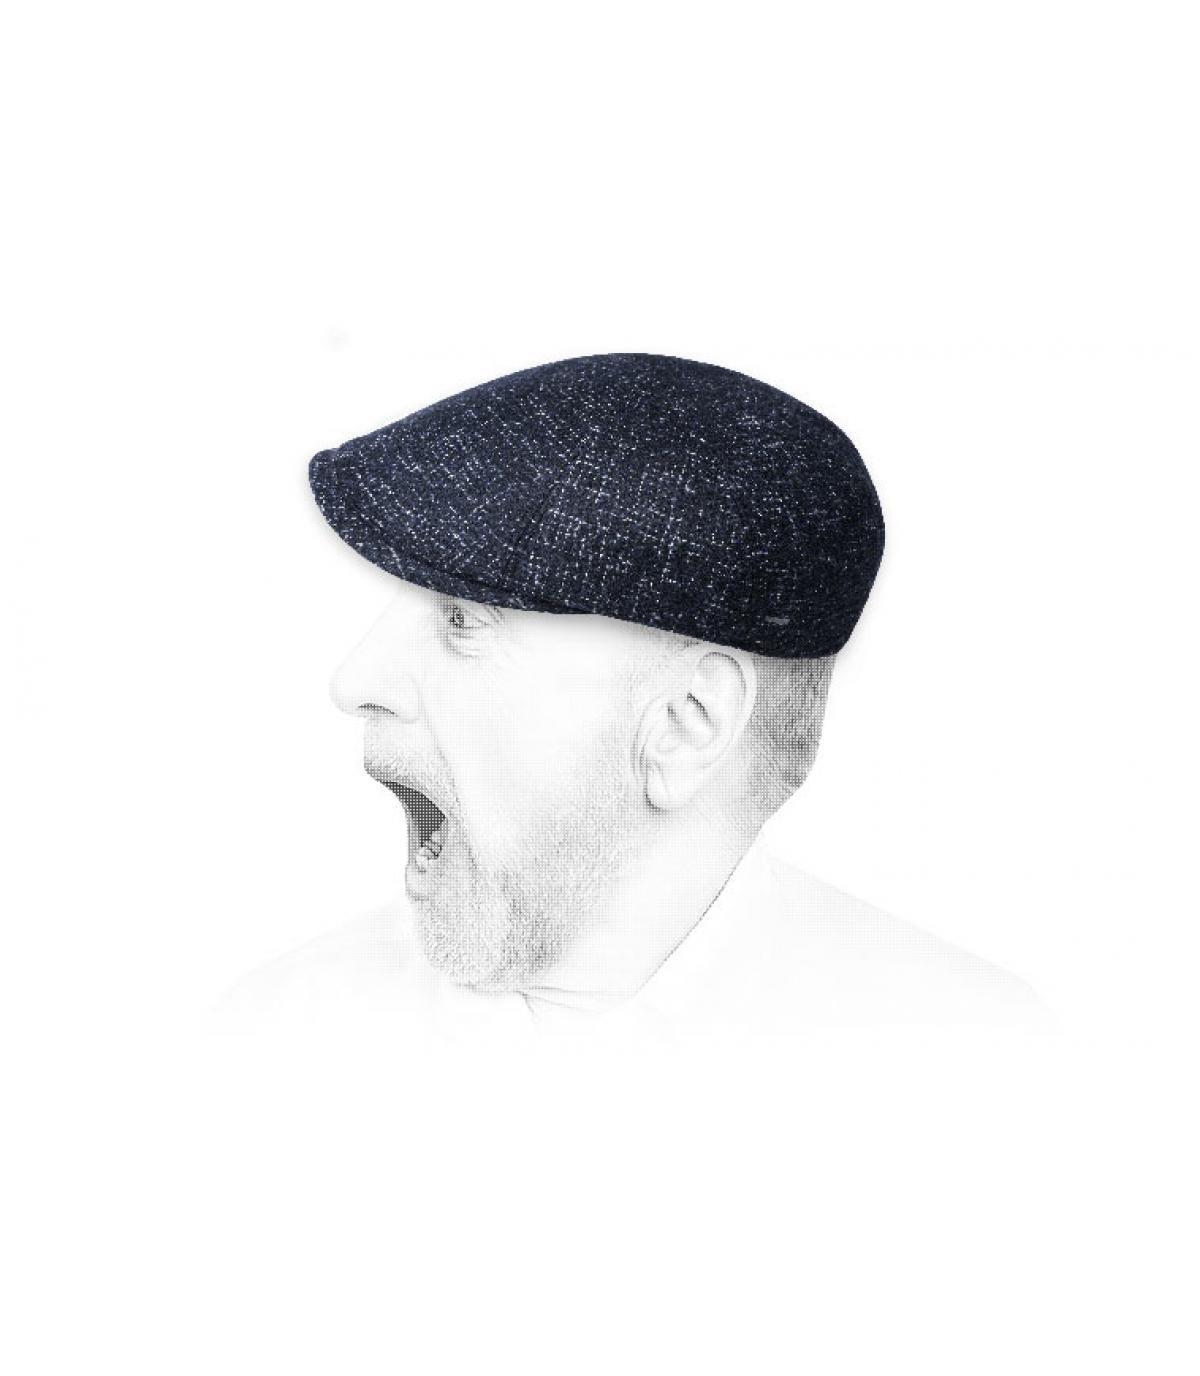 Bailey baret grijze eendenbek